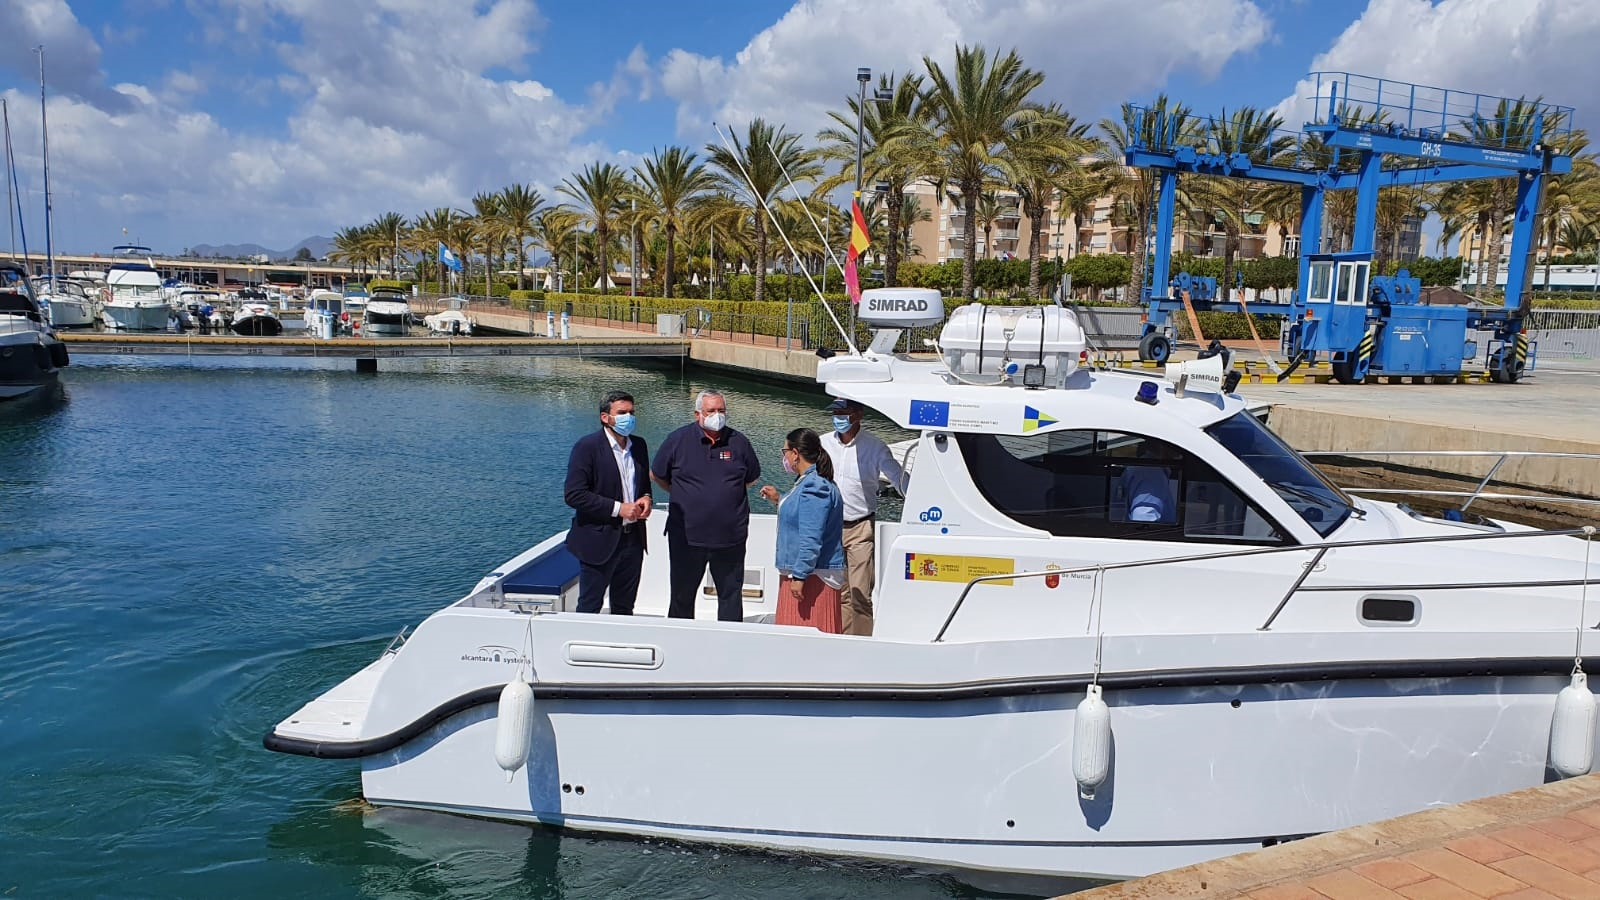 El consejero Antonio Luengo, durante su visita a la nueva embarcación adquirida por la Comunidad Autónoma. Imagen: CARM